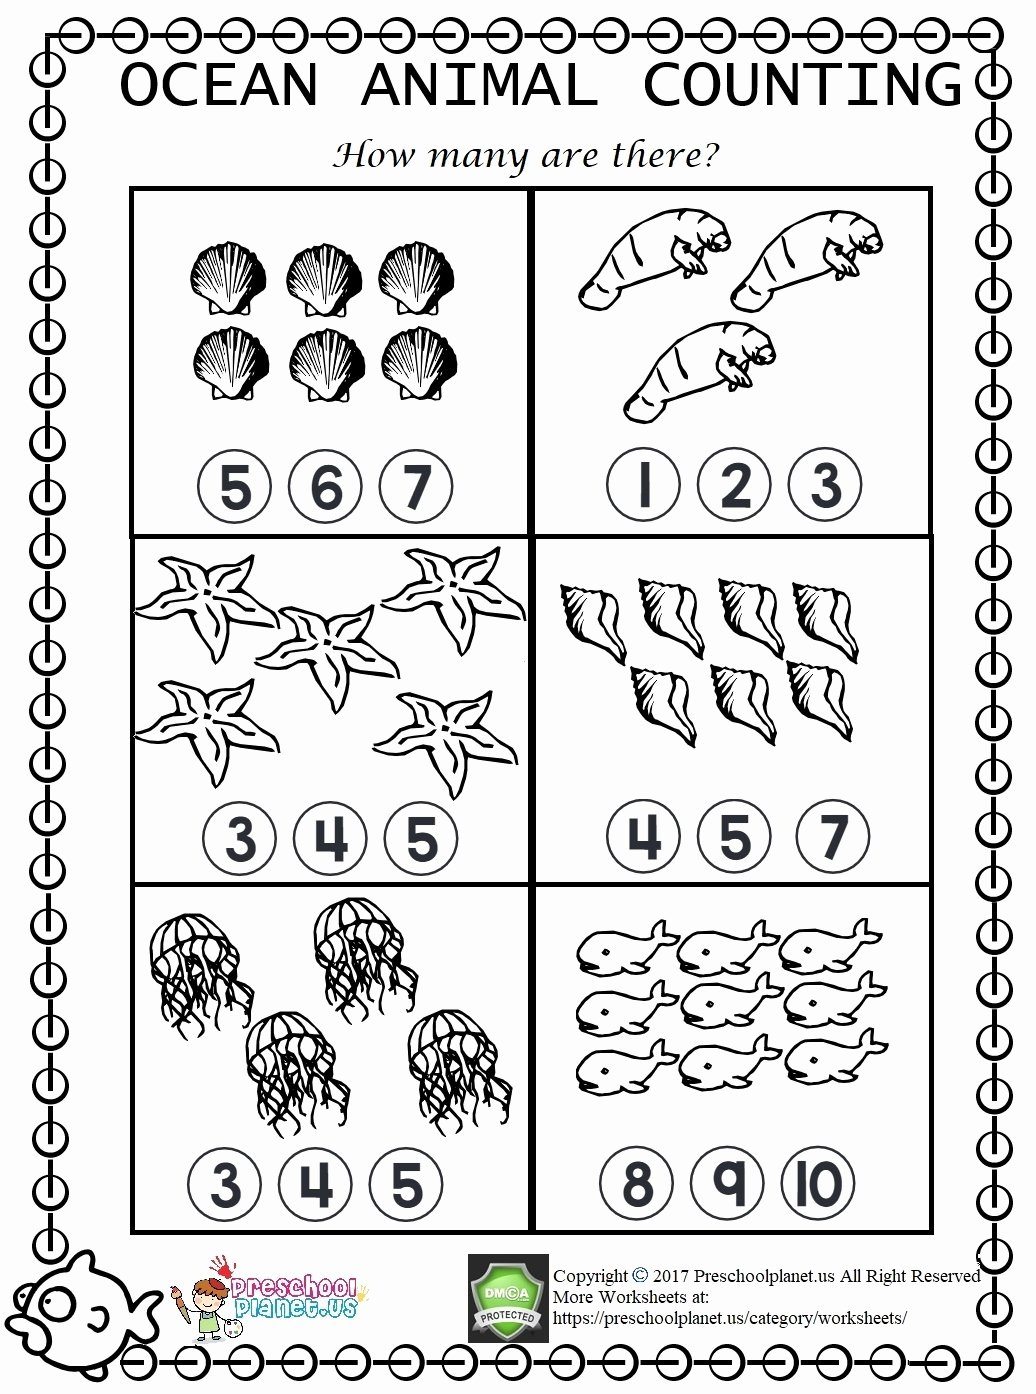 Sea Animals Worksheets for Preschoolers top Sea Animal Counting Worksheet – Preschoolplanet